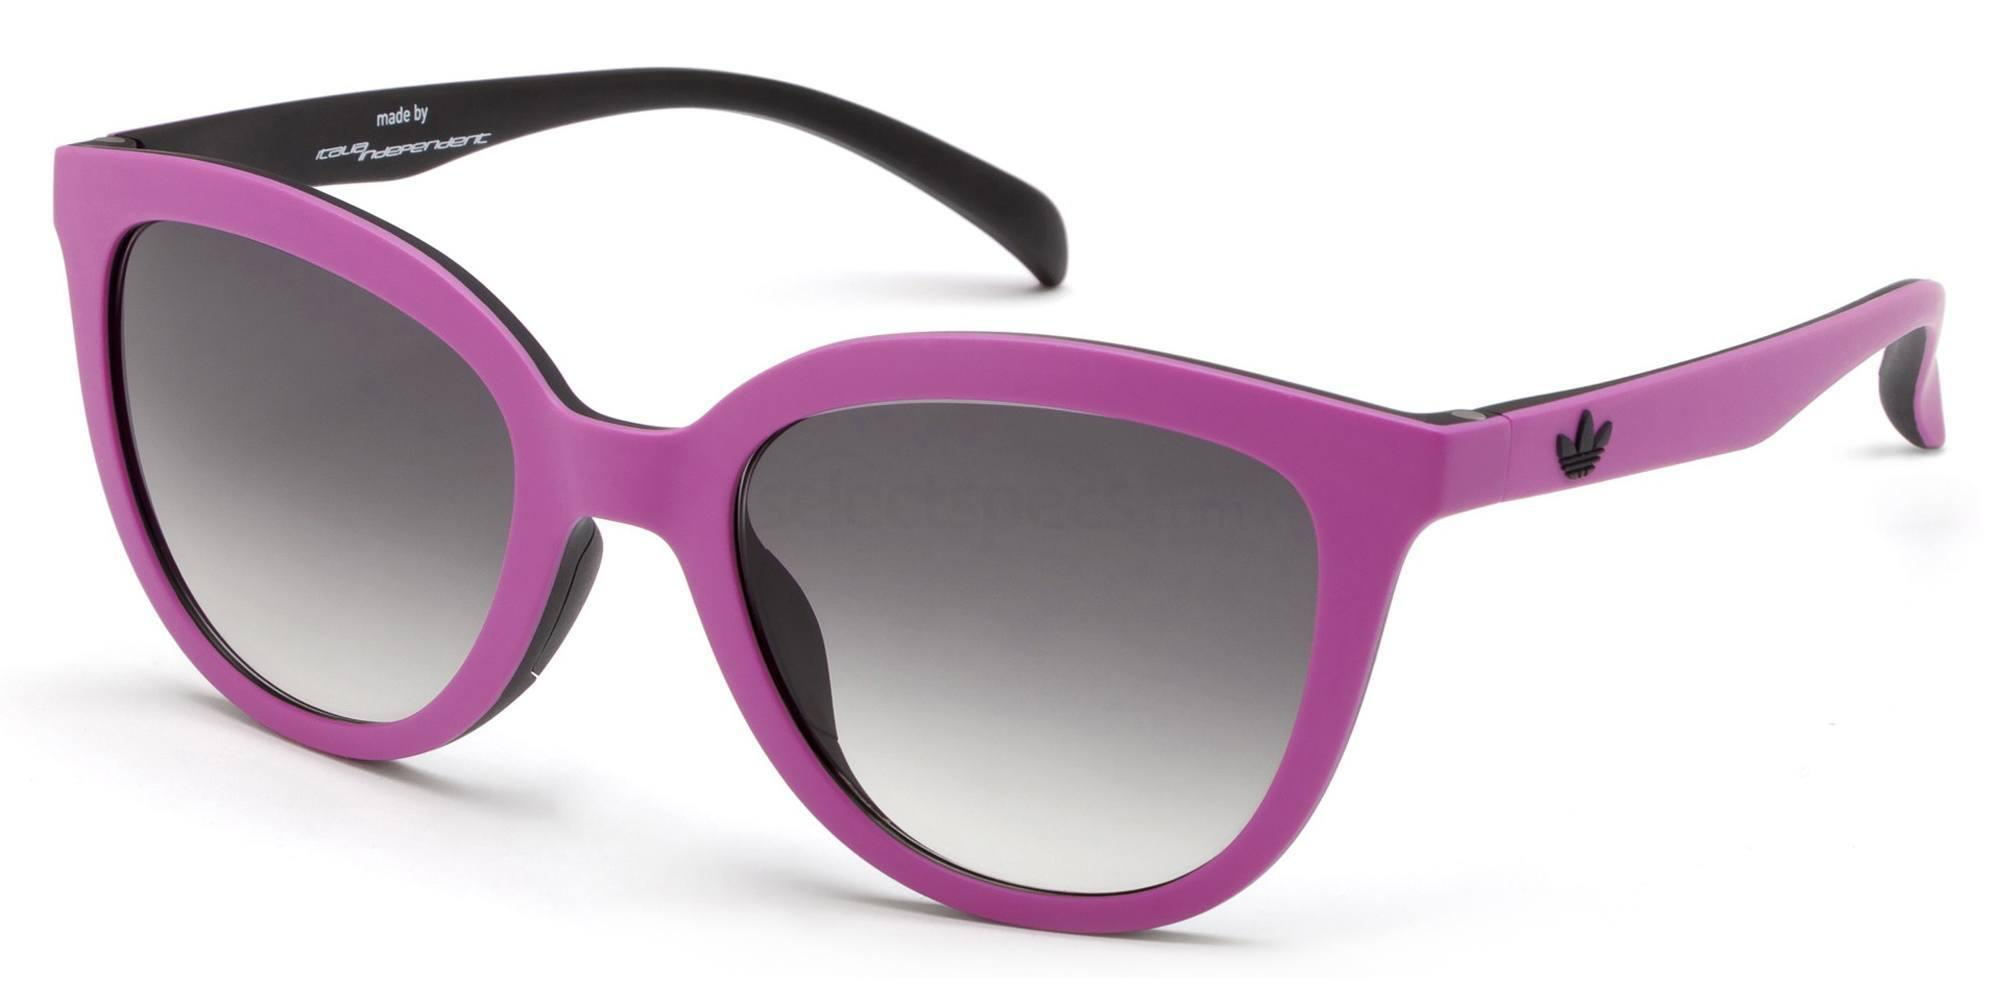 018.009 AOR006 Sunglasses, Adidas Originals